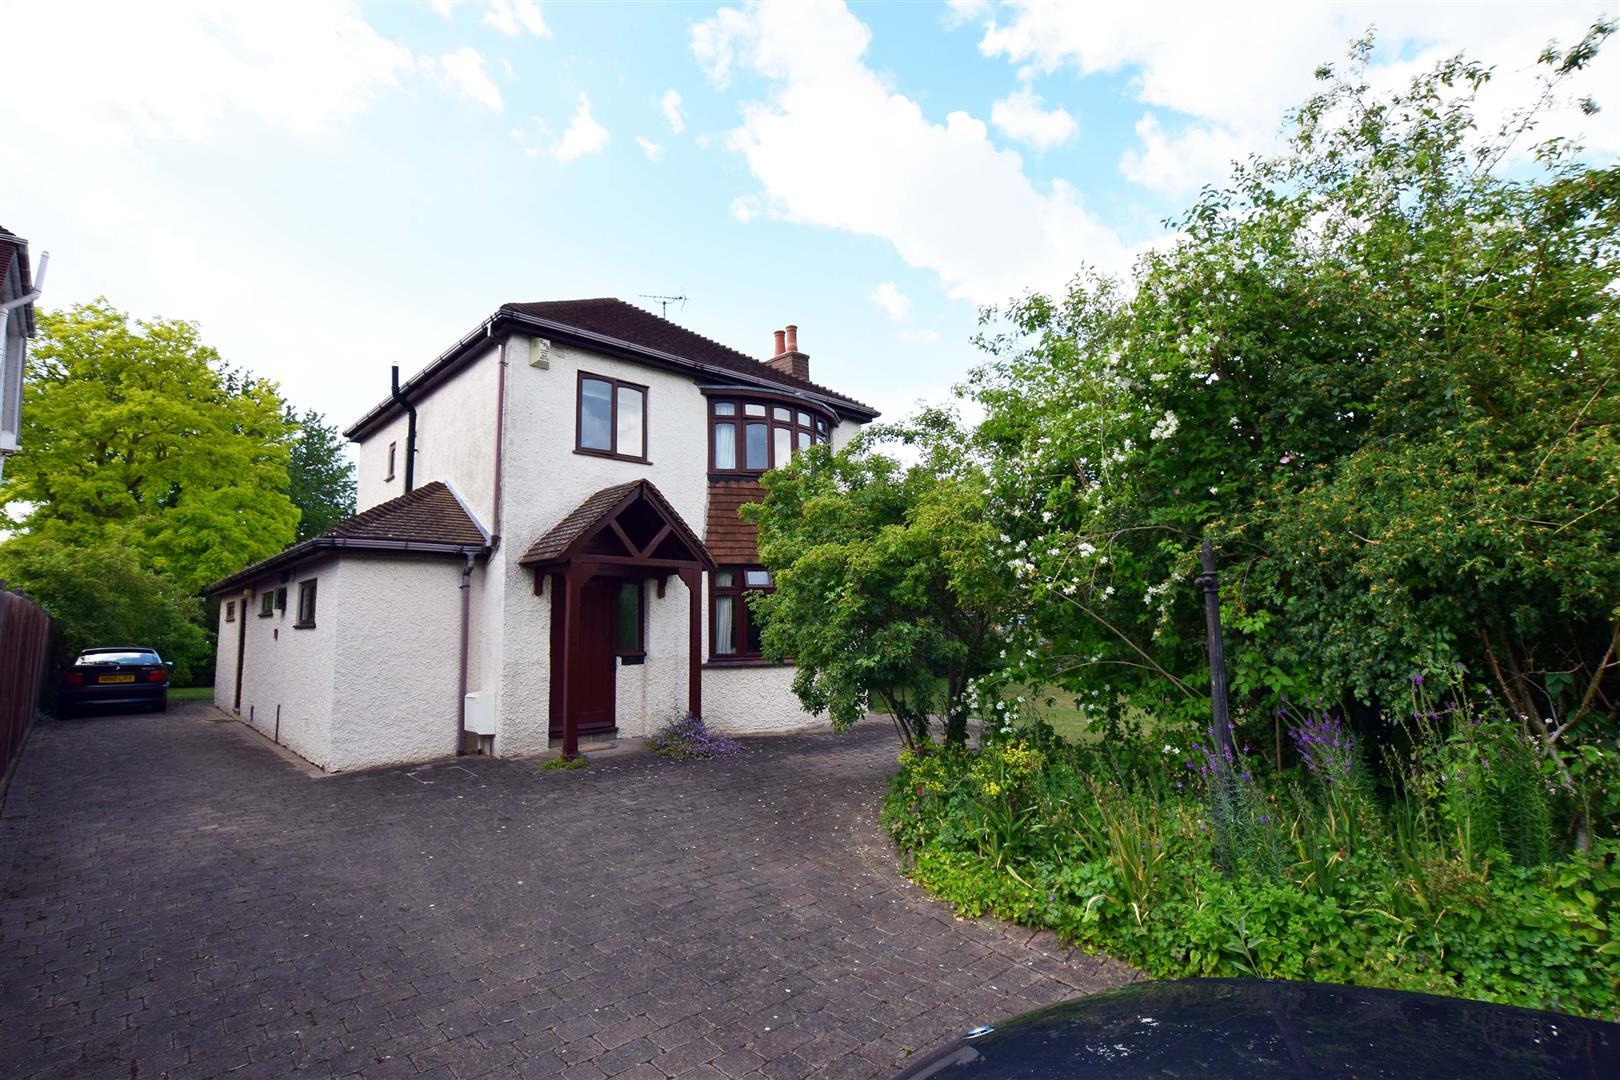 Berengrave Lane, Rainham, Gillingham